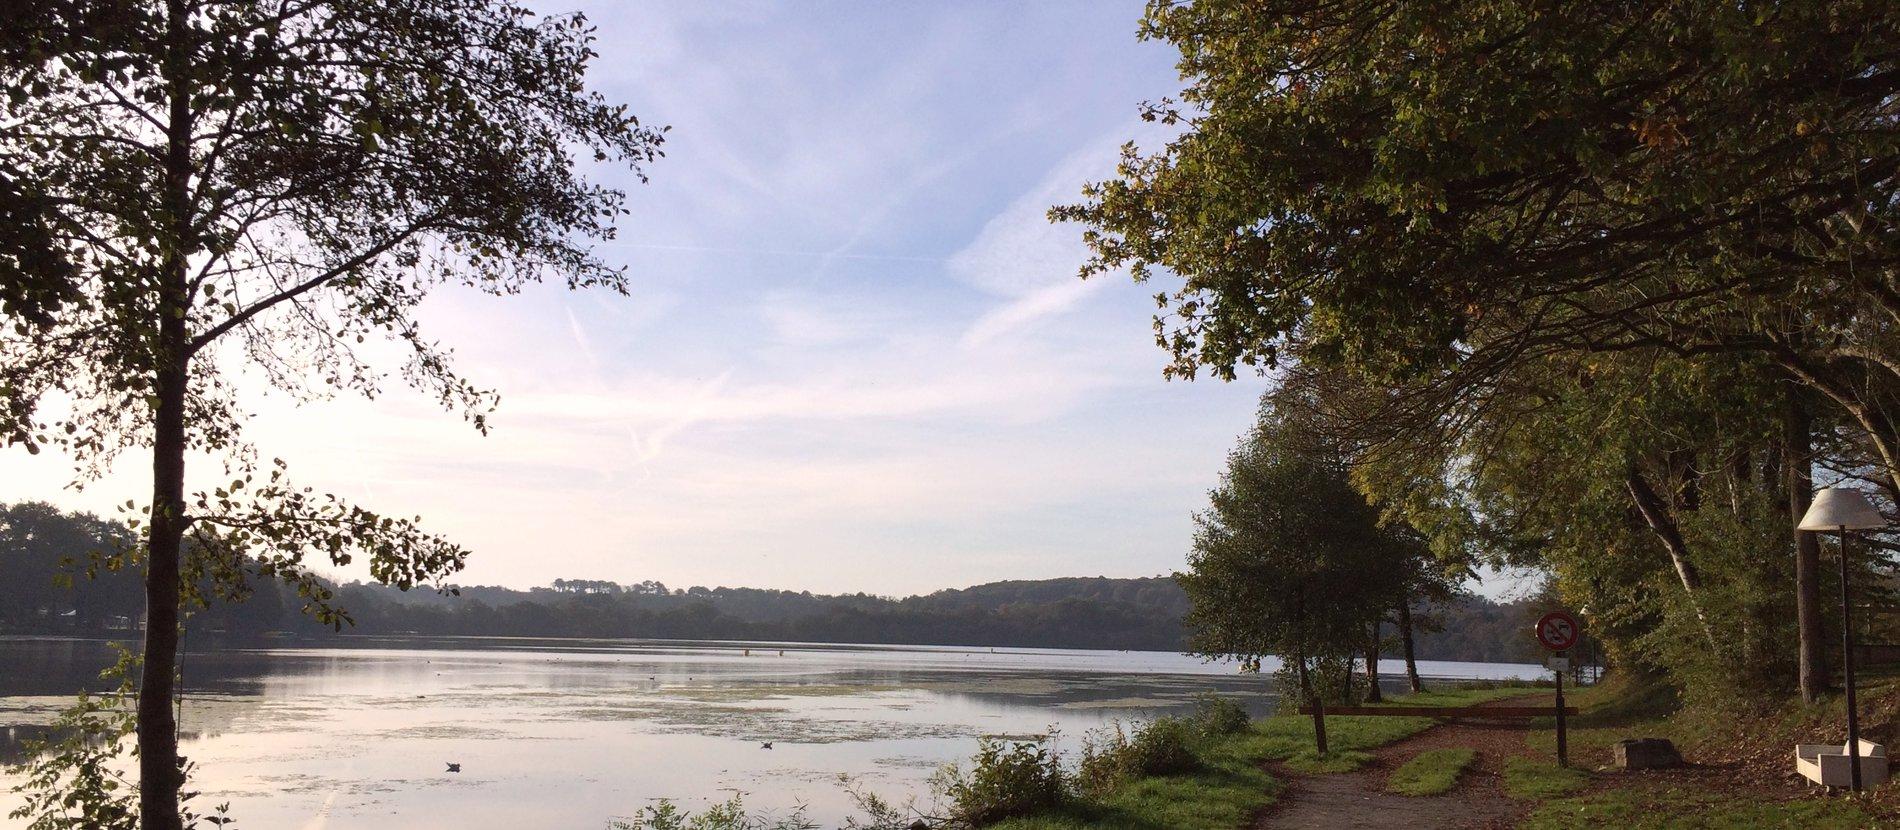 Camping ille et vilaine camping du lac bain de for Camping avec lac et piscine